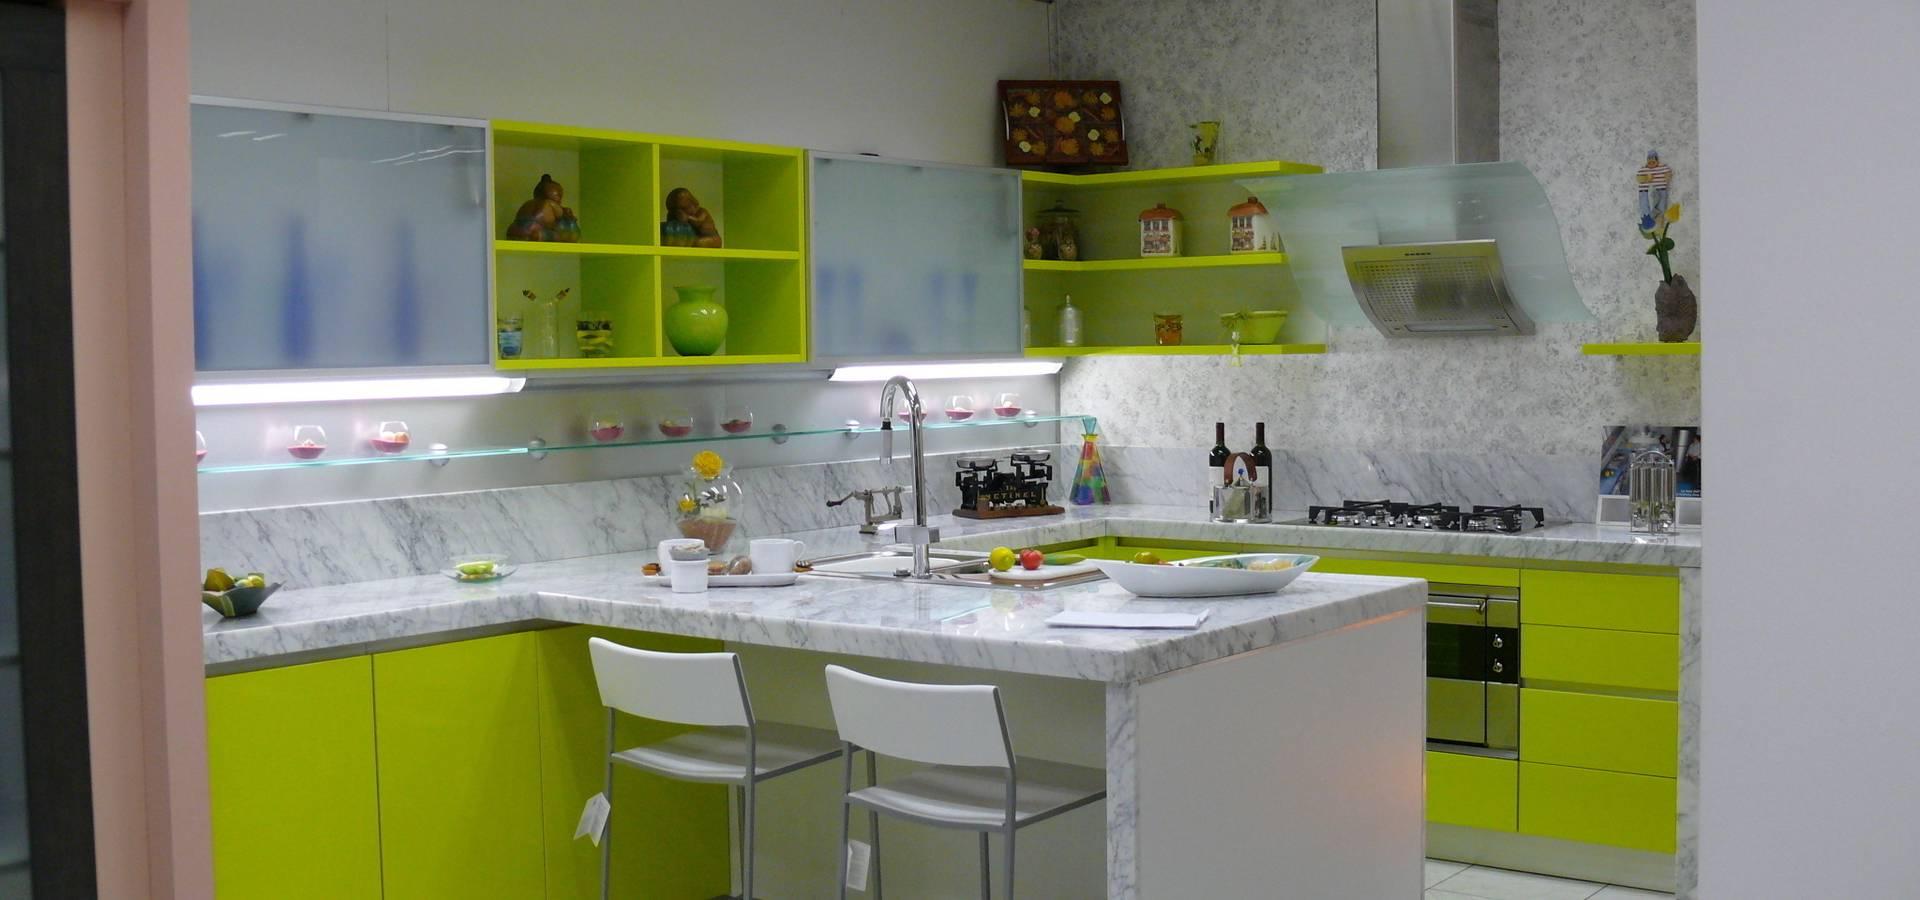 Fausti cucine arredamenti armadi arredamento su misura for G g arredamenti